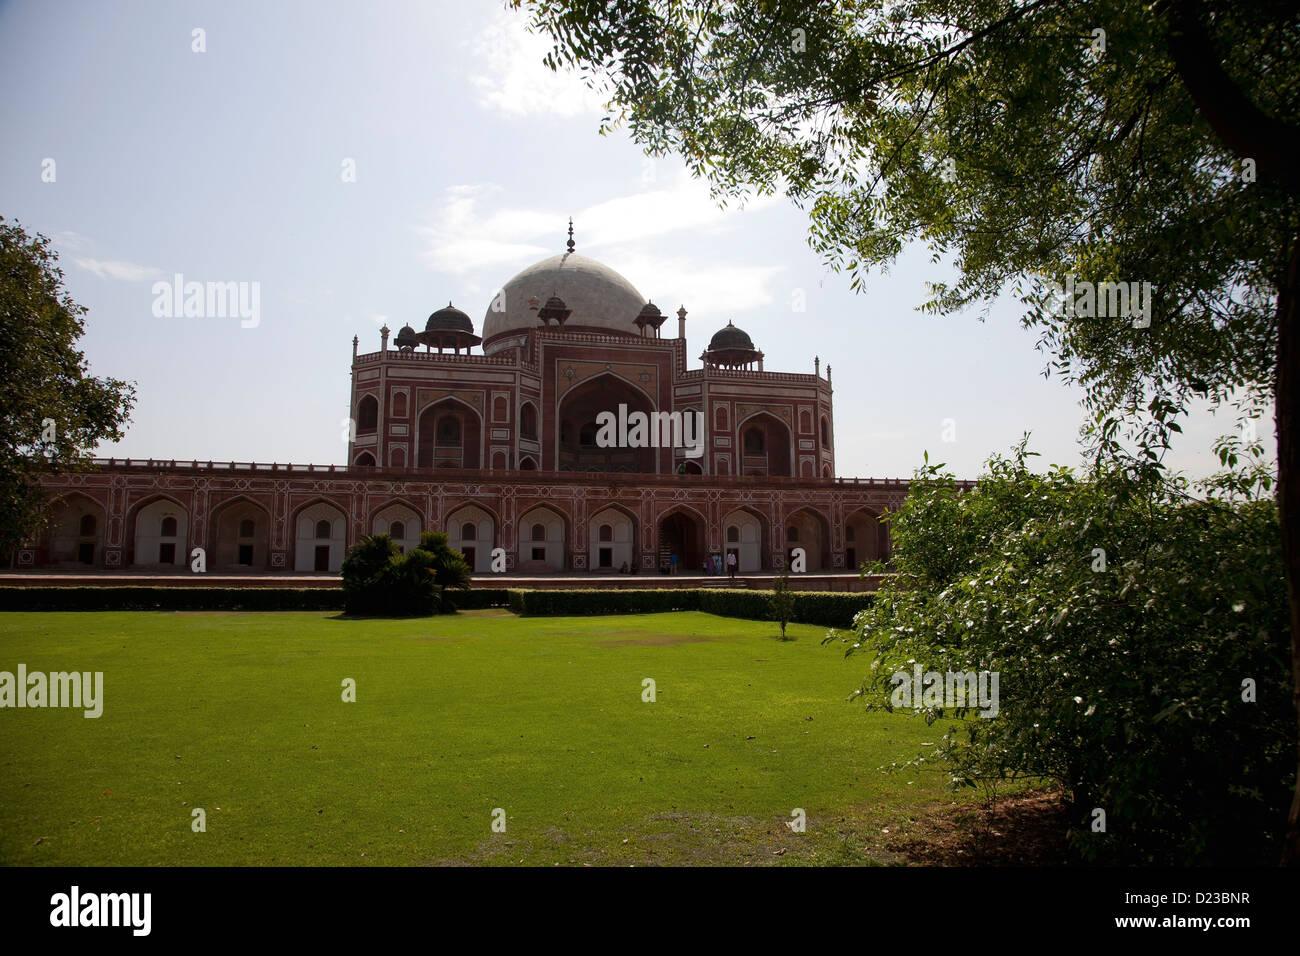 India, Architettura, Delhi, viaggi sfondi, punti di riferimento, percorsi di viaggio, architettura antica, la tomba Immagini Stock